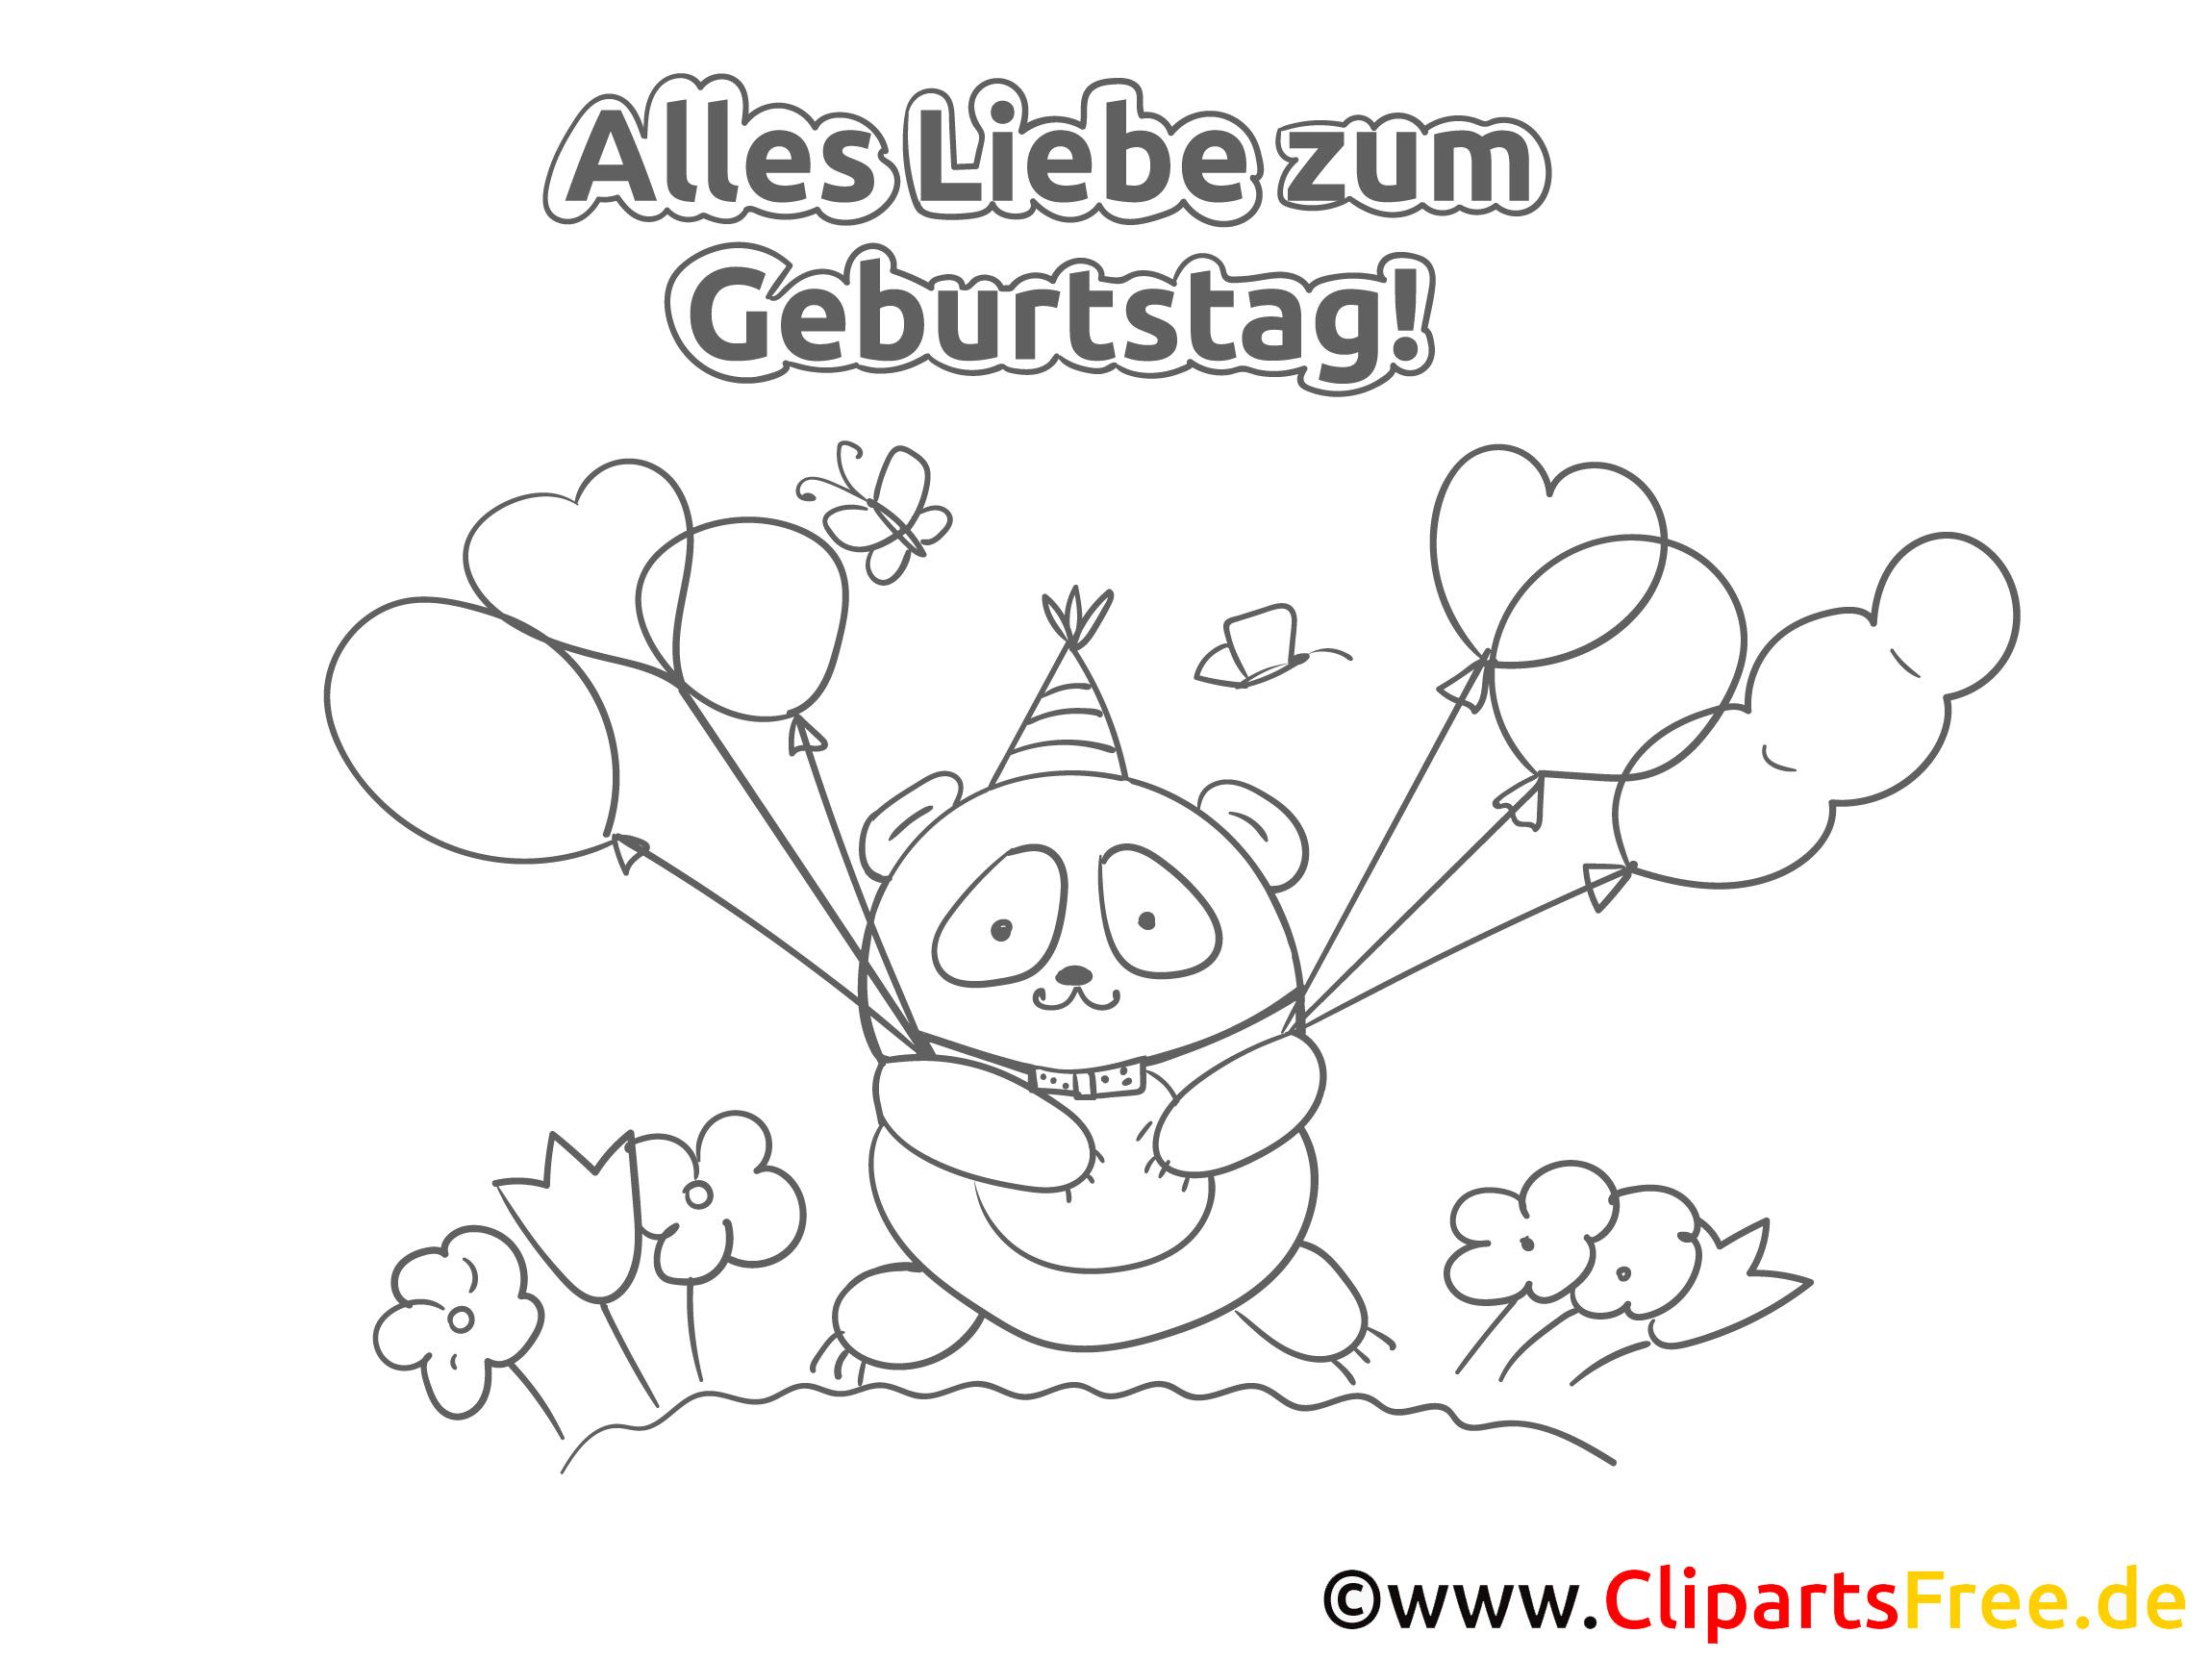 Ausmalbilder 40. Geburtstag : Ausmalbild Geburtstag Luftballons Beste Geschenk Website Foto Blog